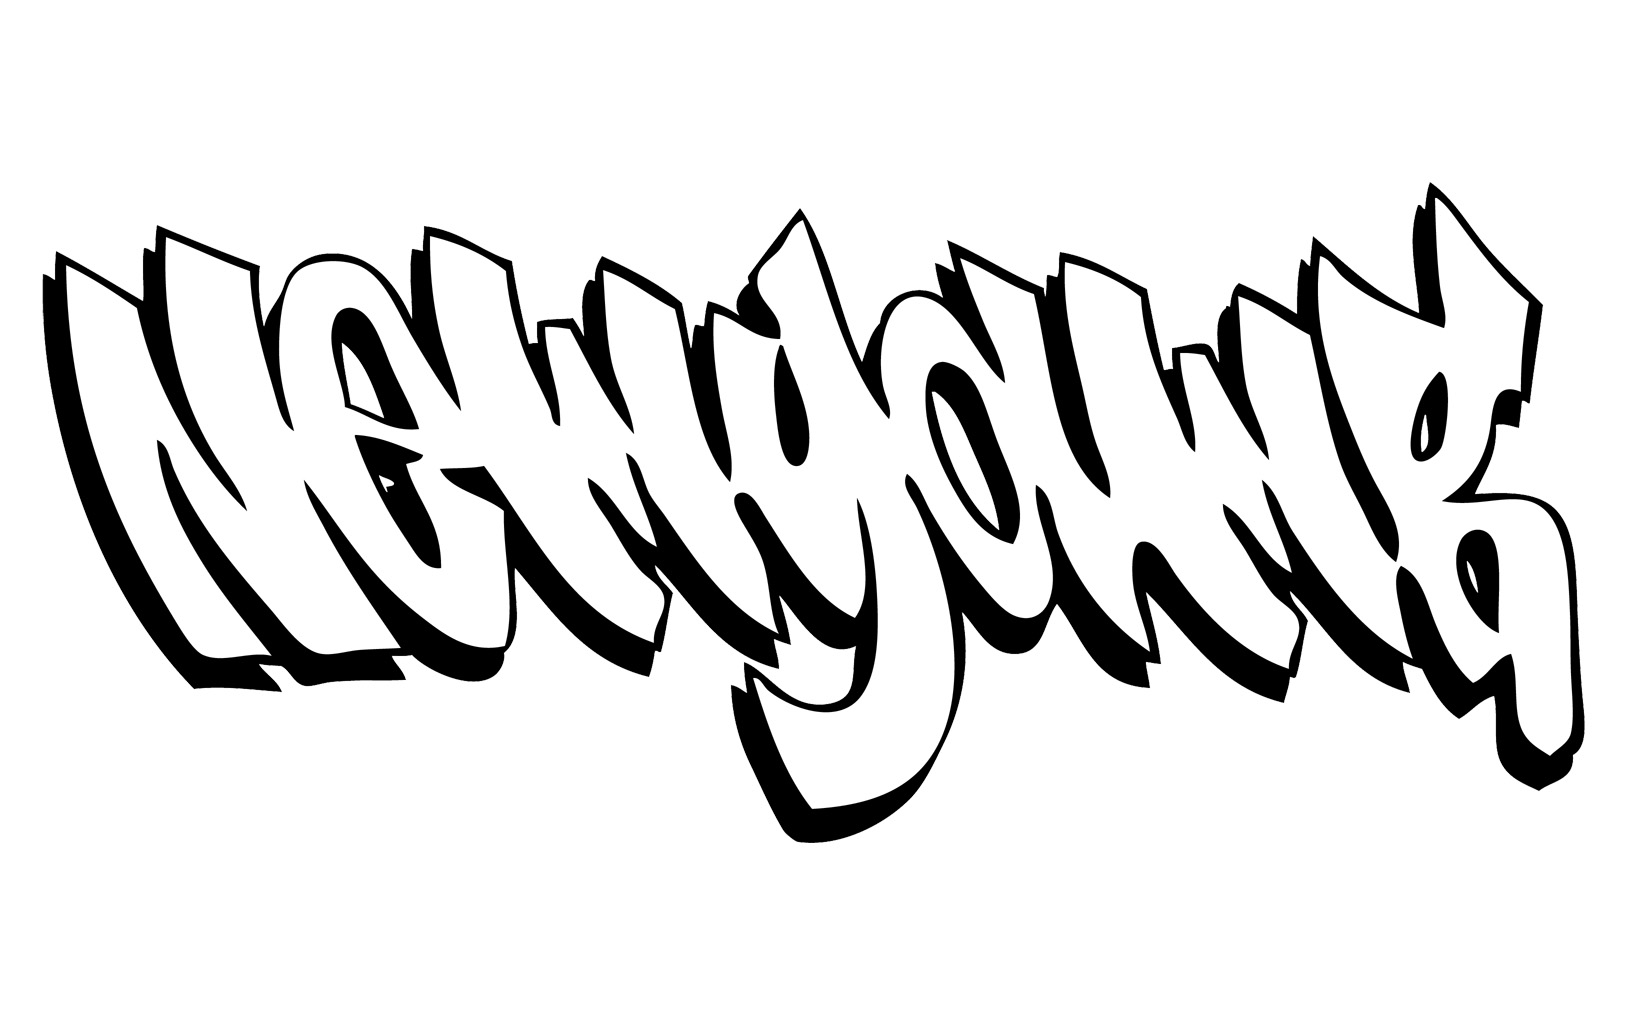 newyawk new tag